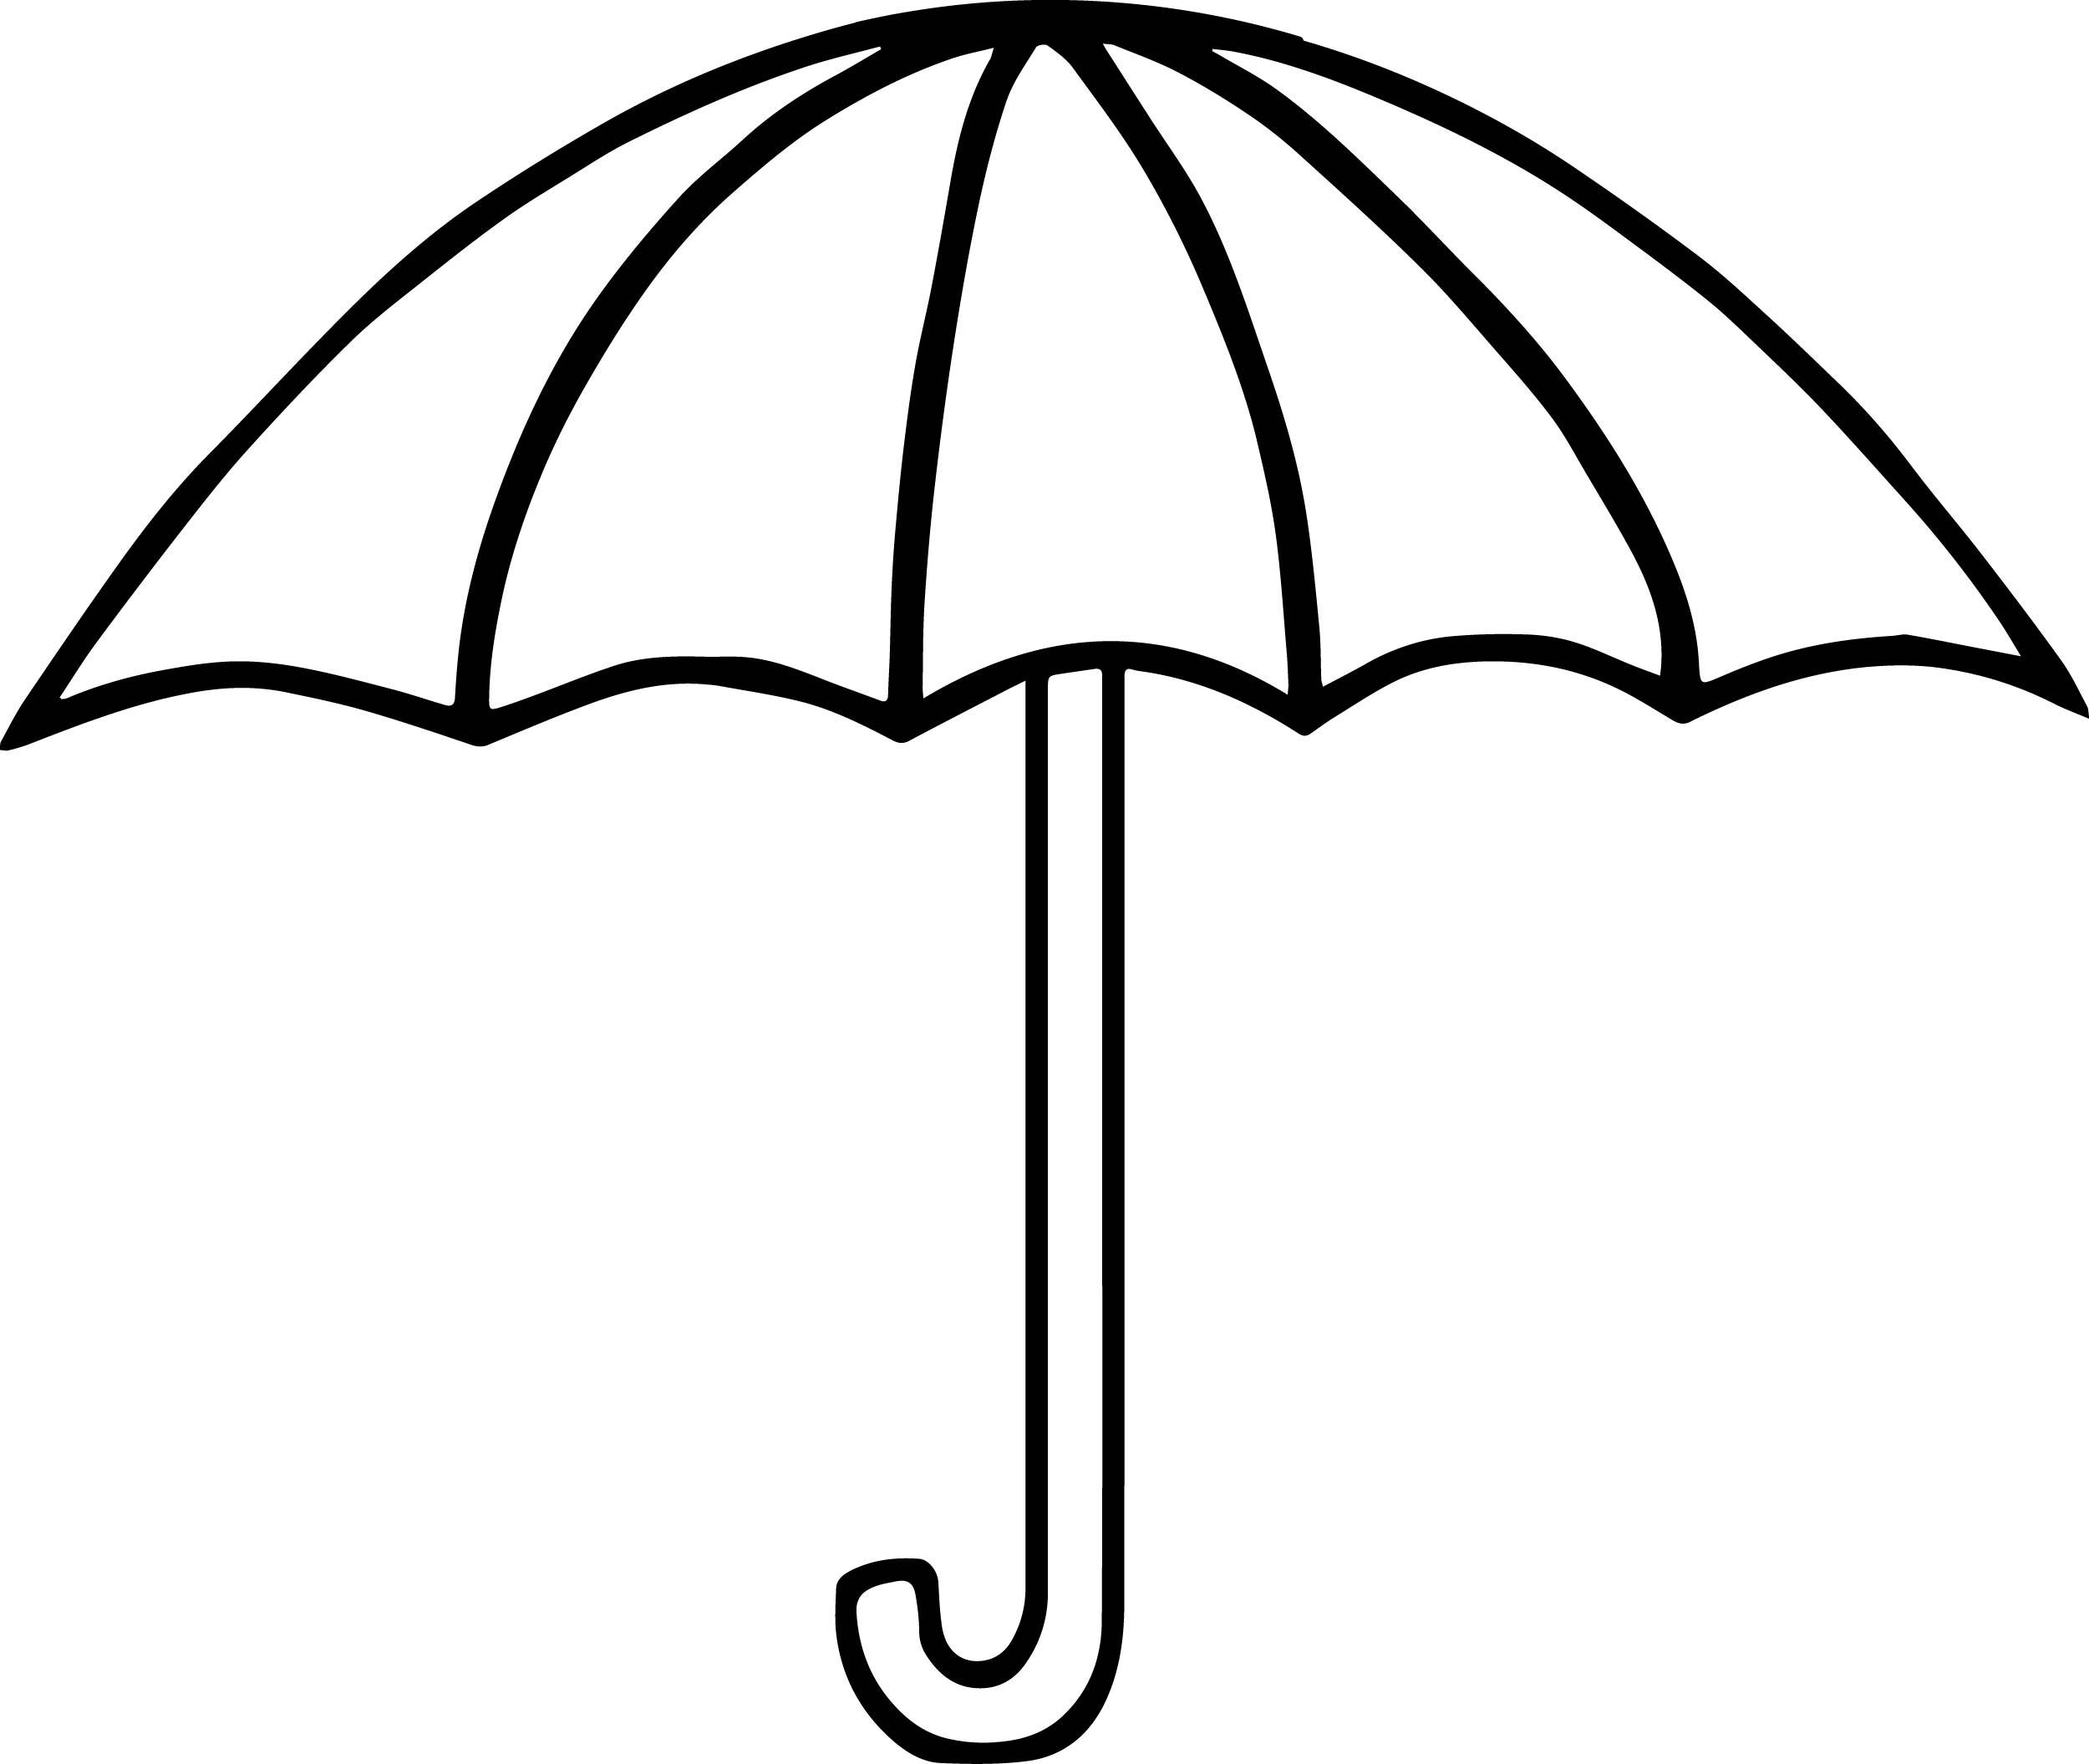 2500x2111 Umbrella Coloring